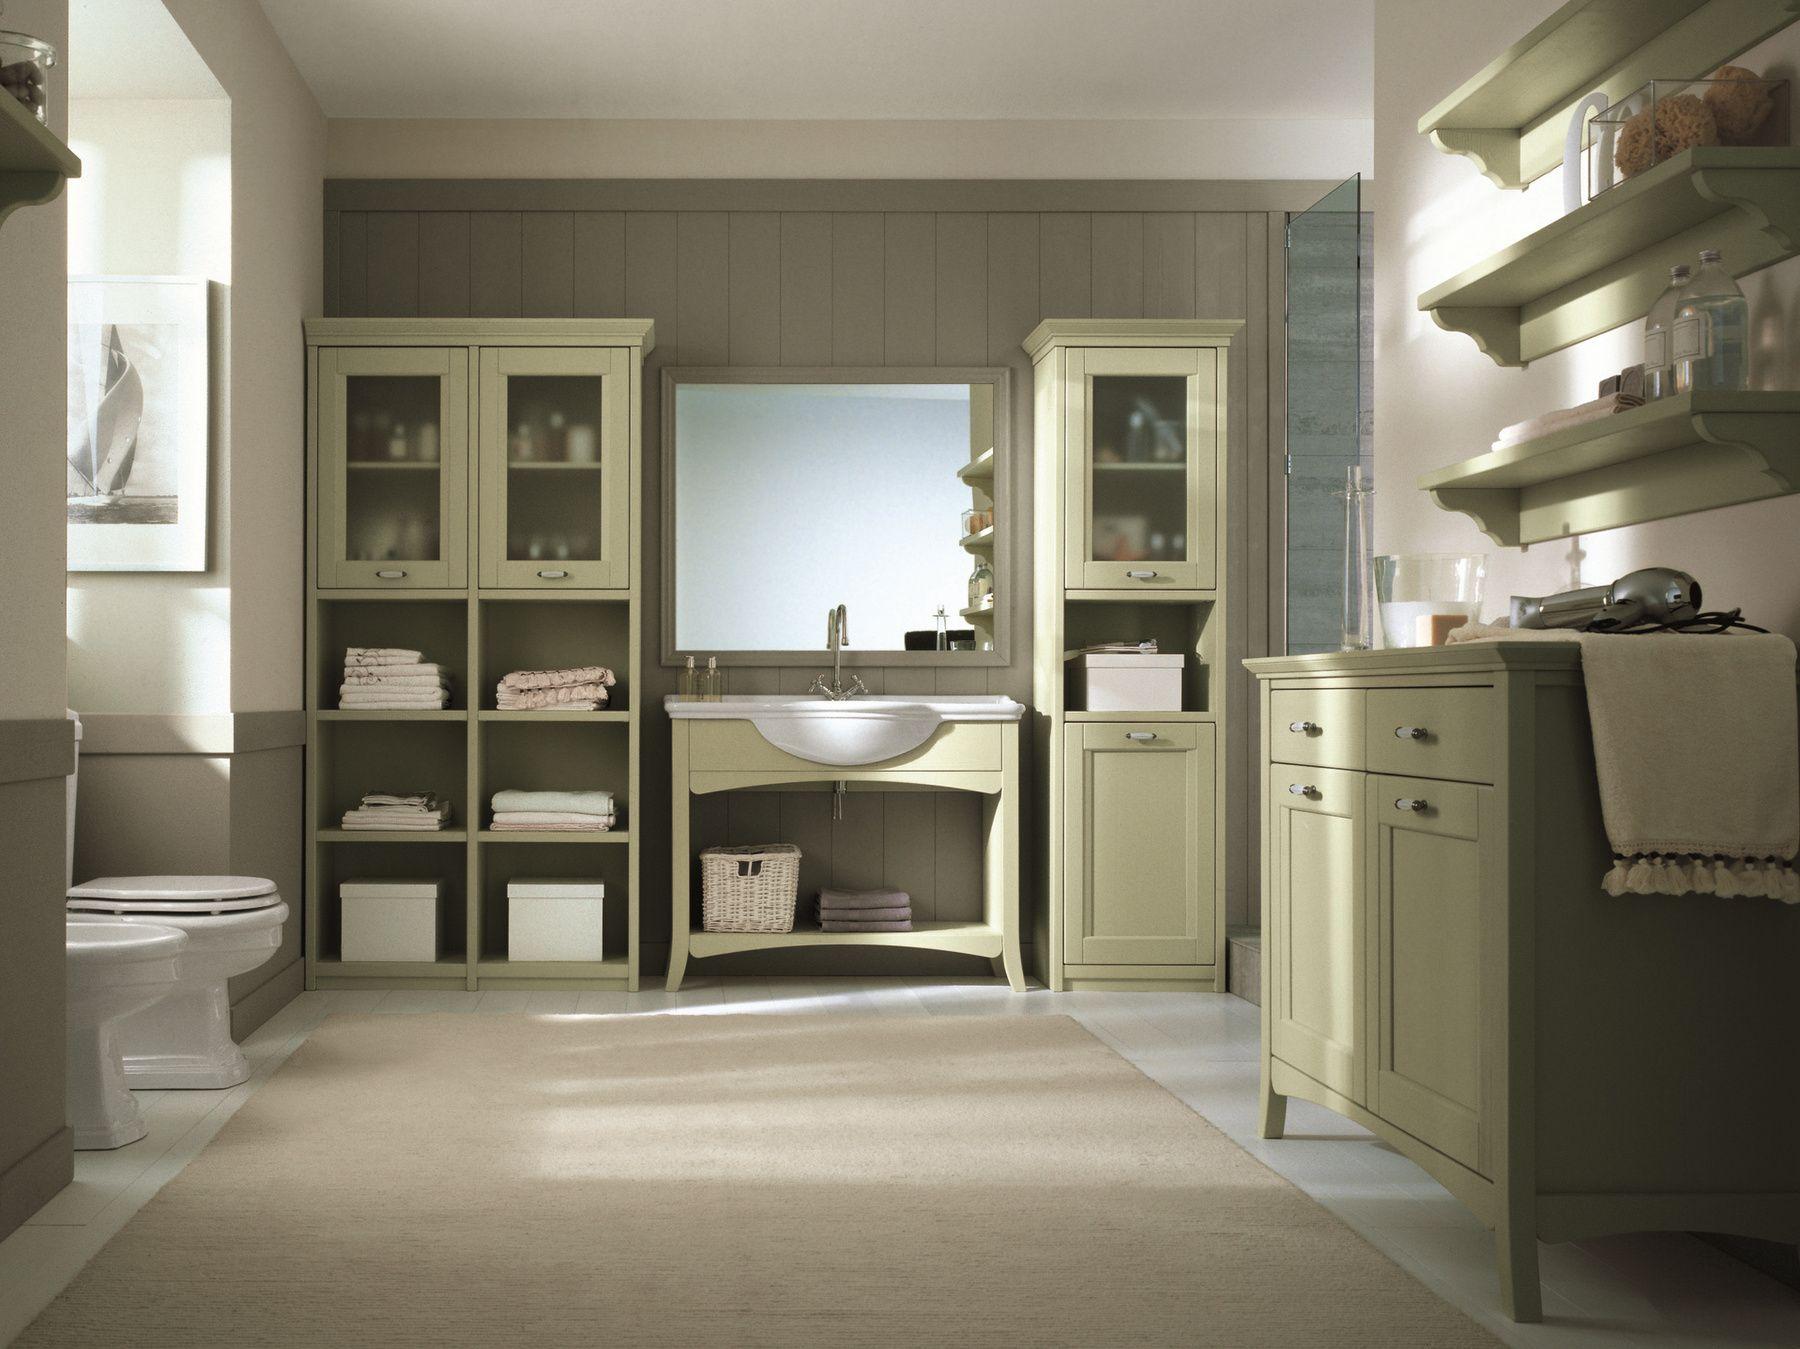 arredo bagno completo in legno massello archiproducts